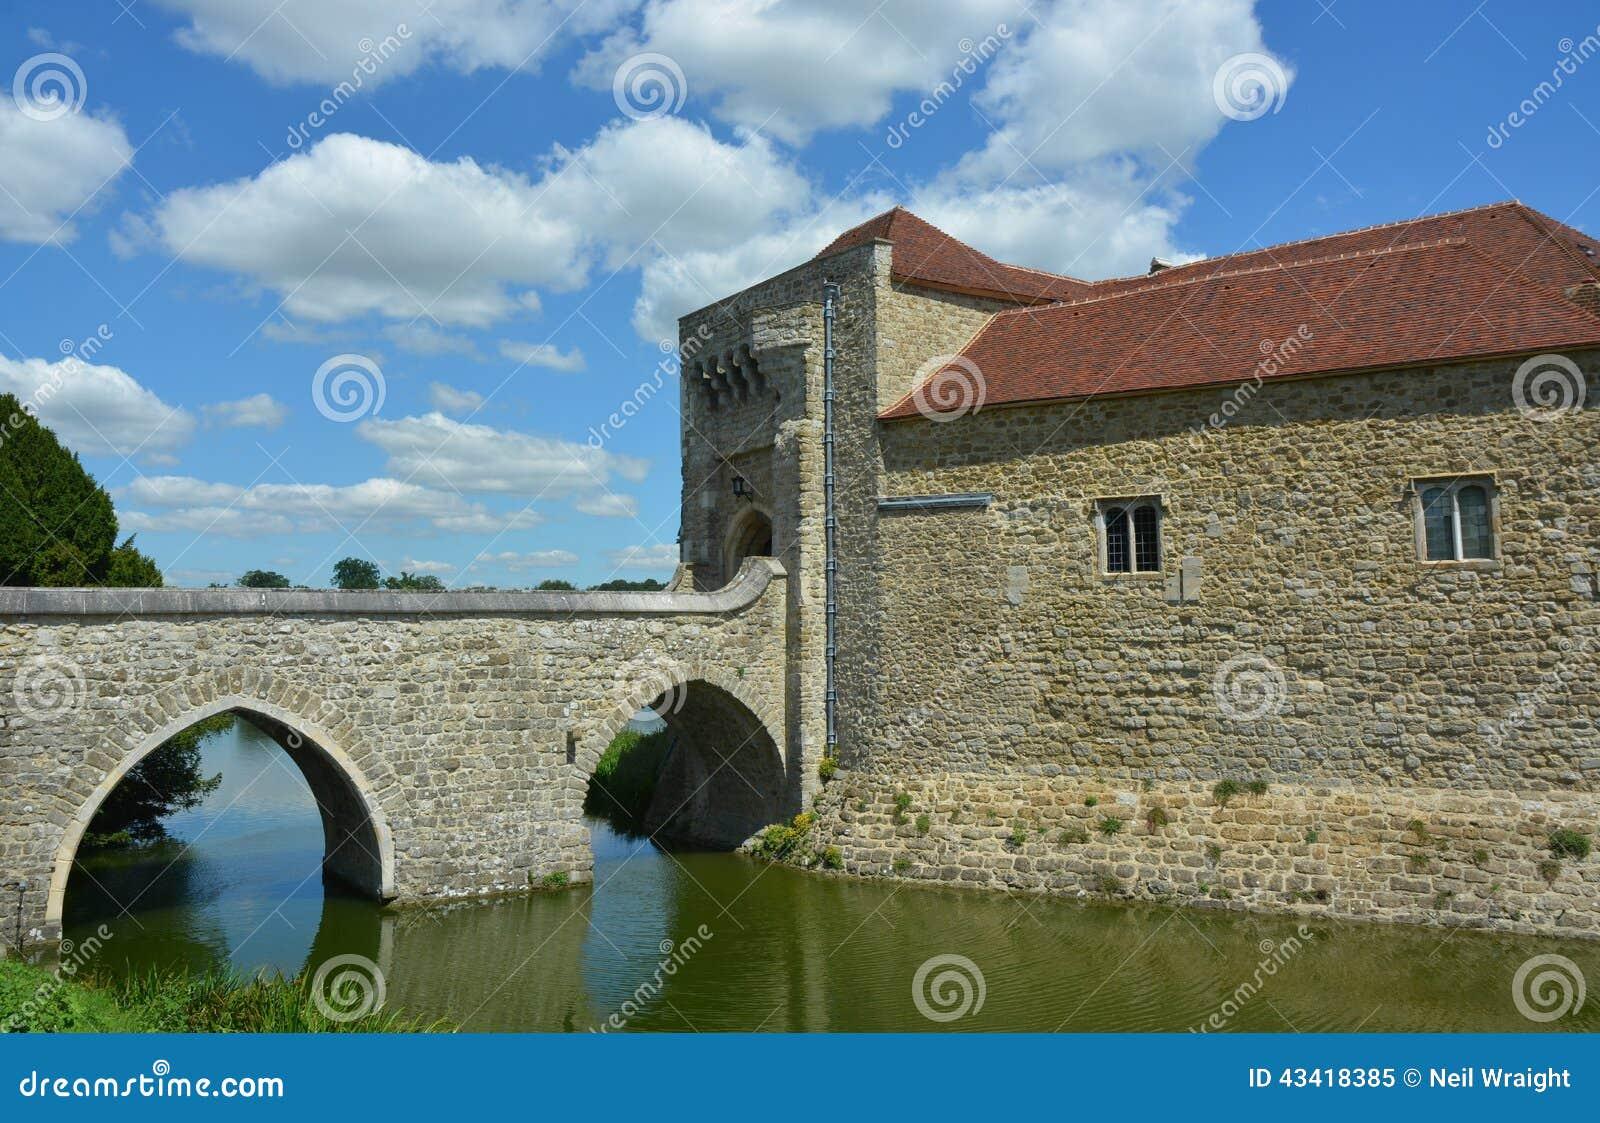 Engels Middeleeuws Kasteel met Gracht